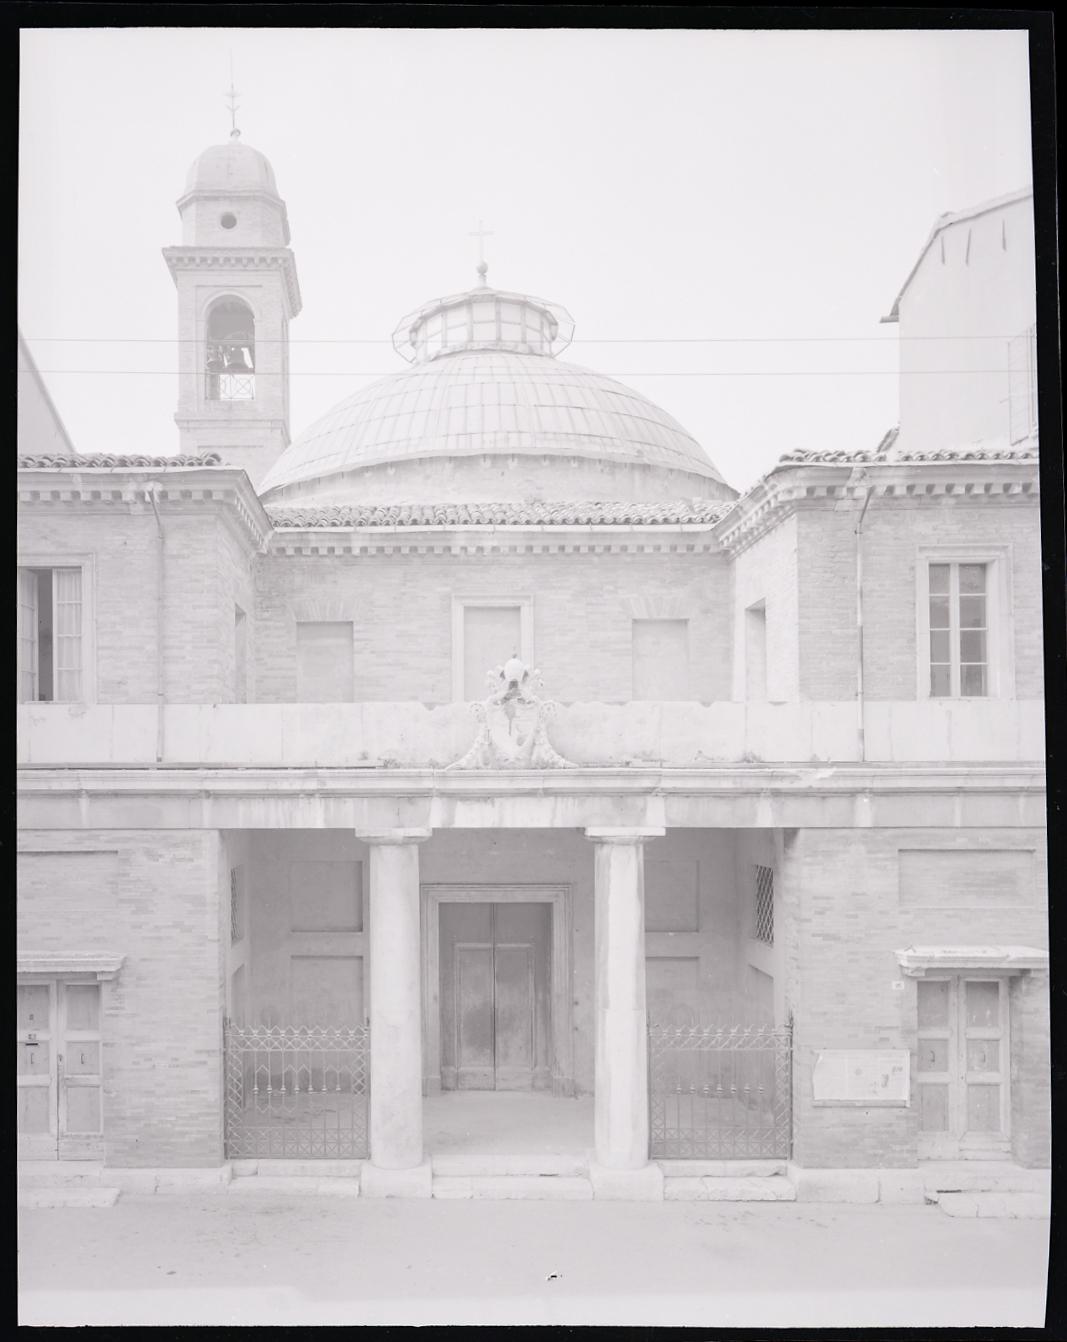 chiesa di santa cristina cesena wikipedia